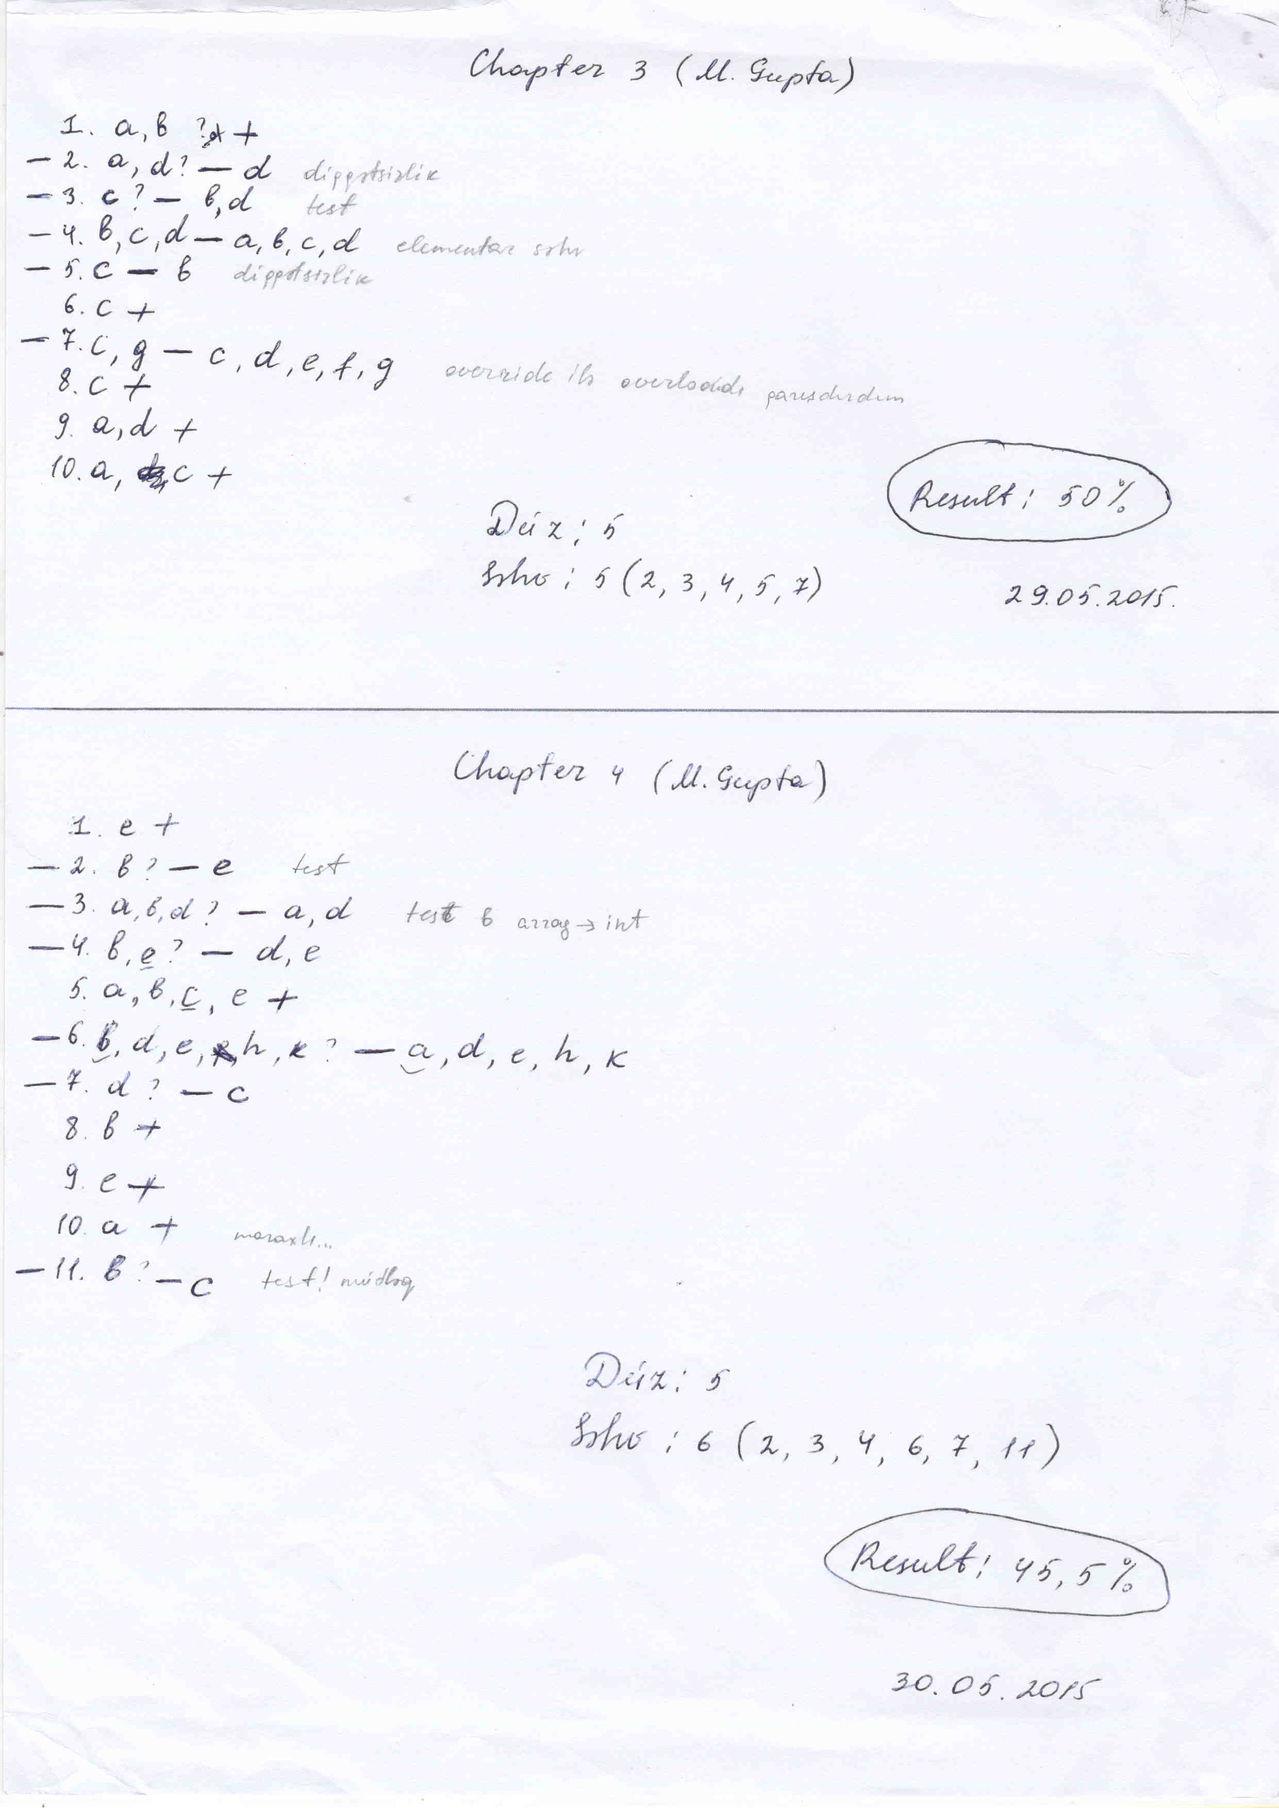 Mala Gupta Oca Java Se 7 Programmer I Certification Guide Chapter 3